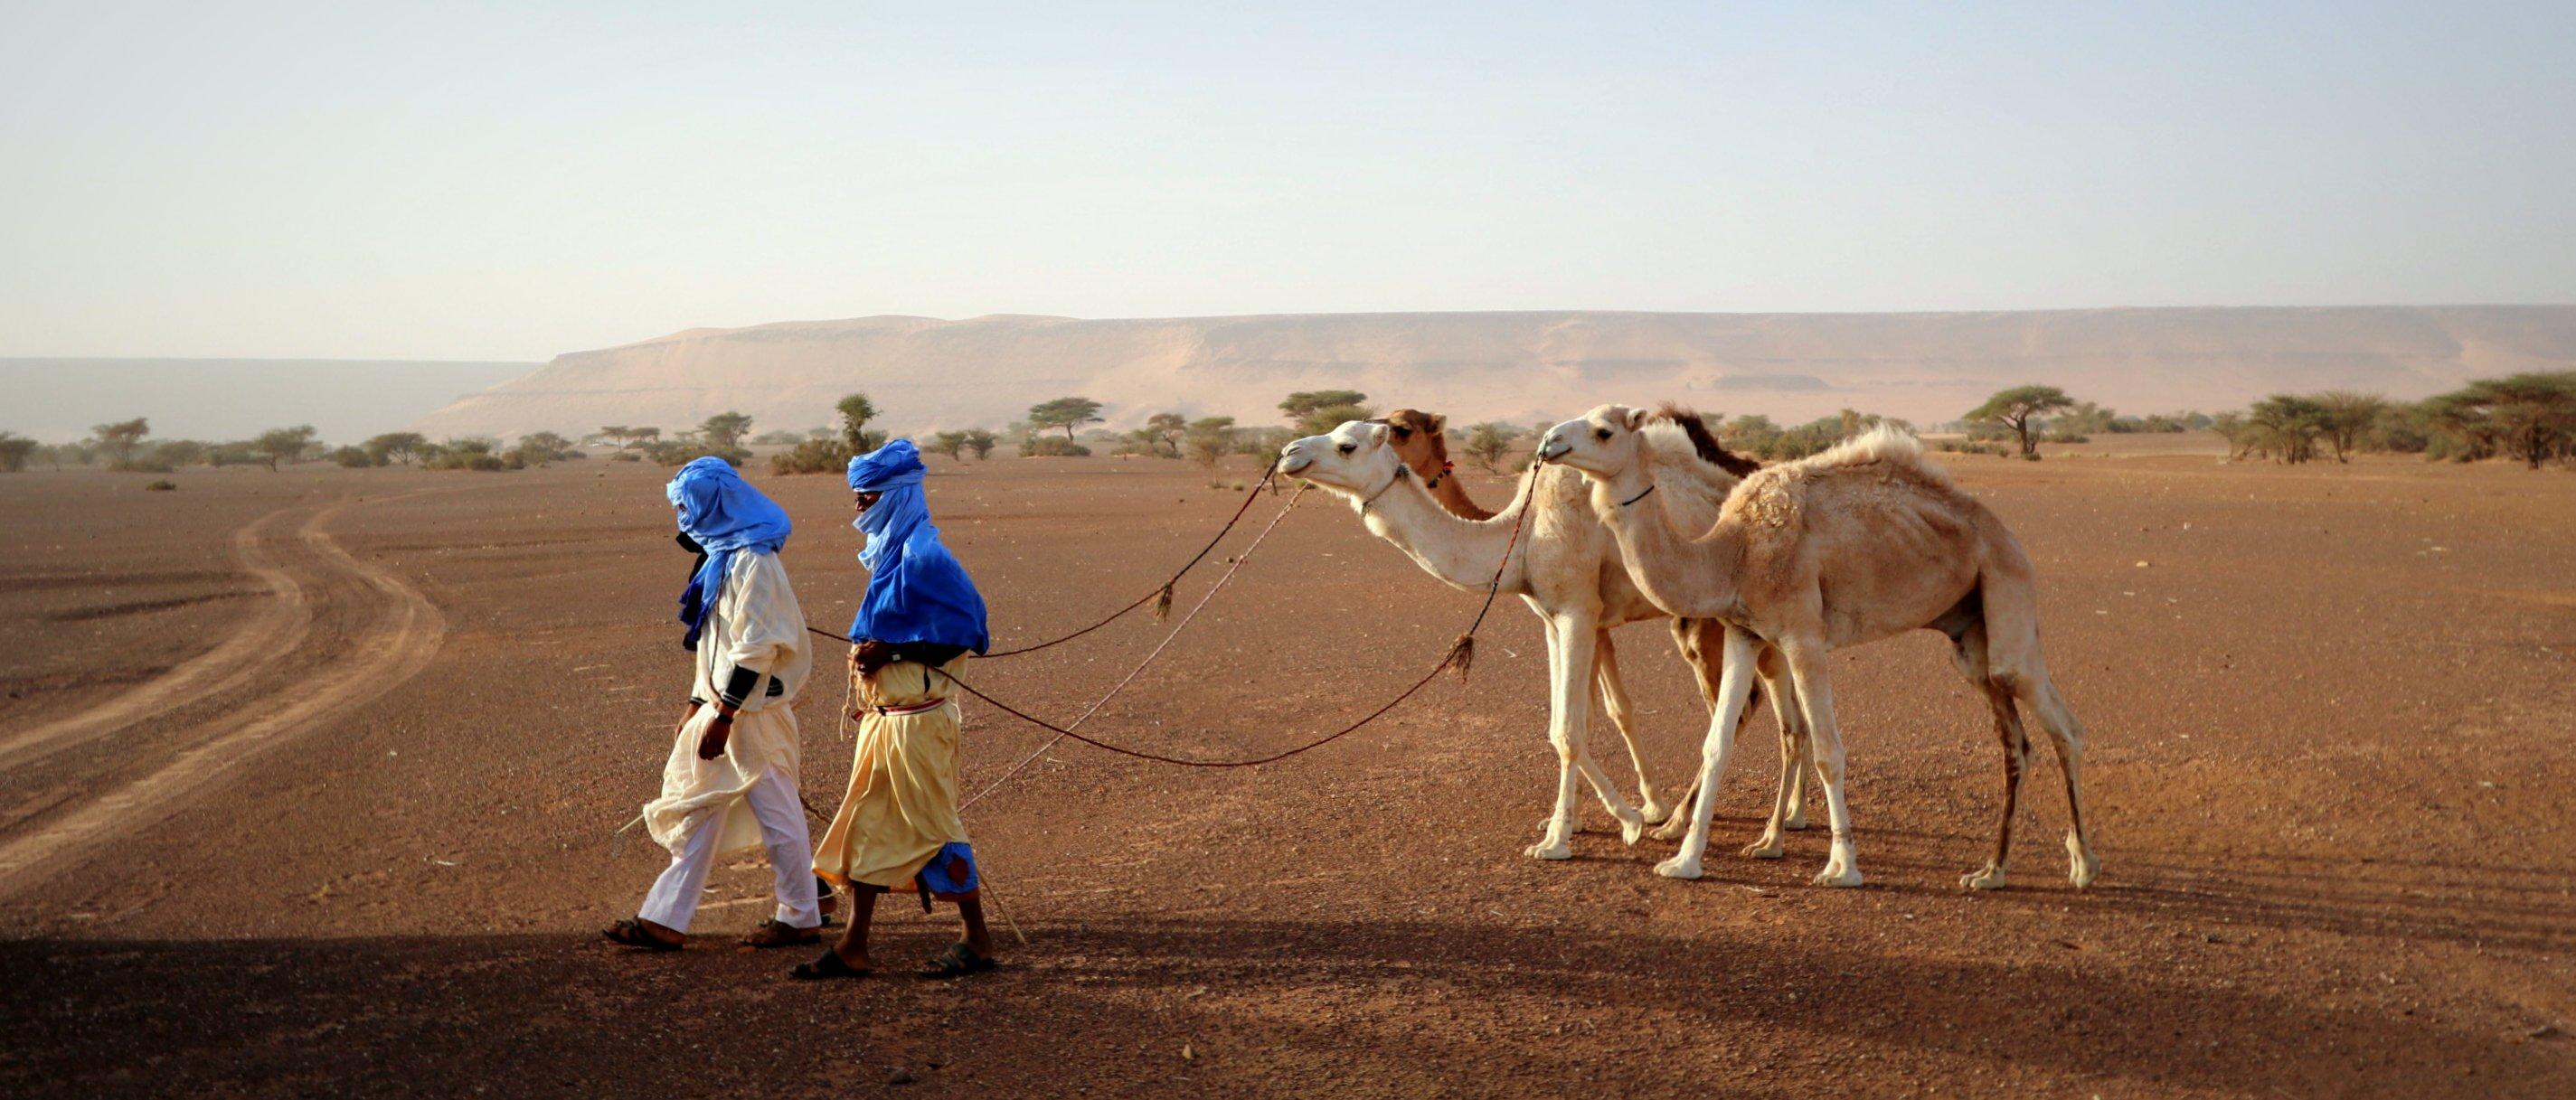 Nomadi nel deserto del Sahara